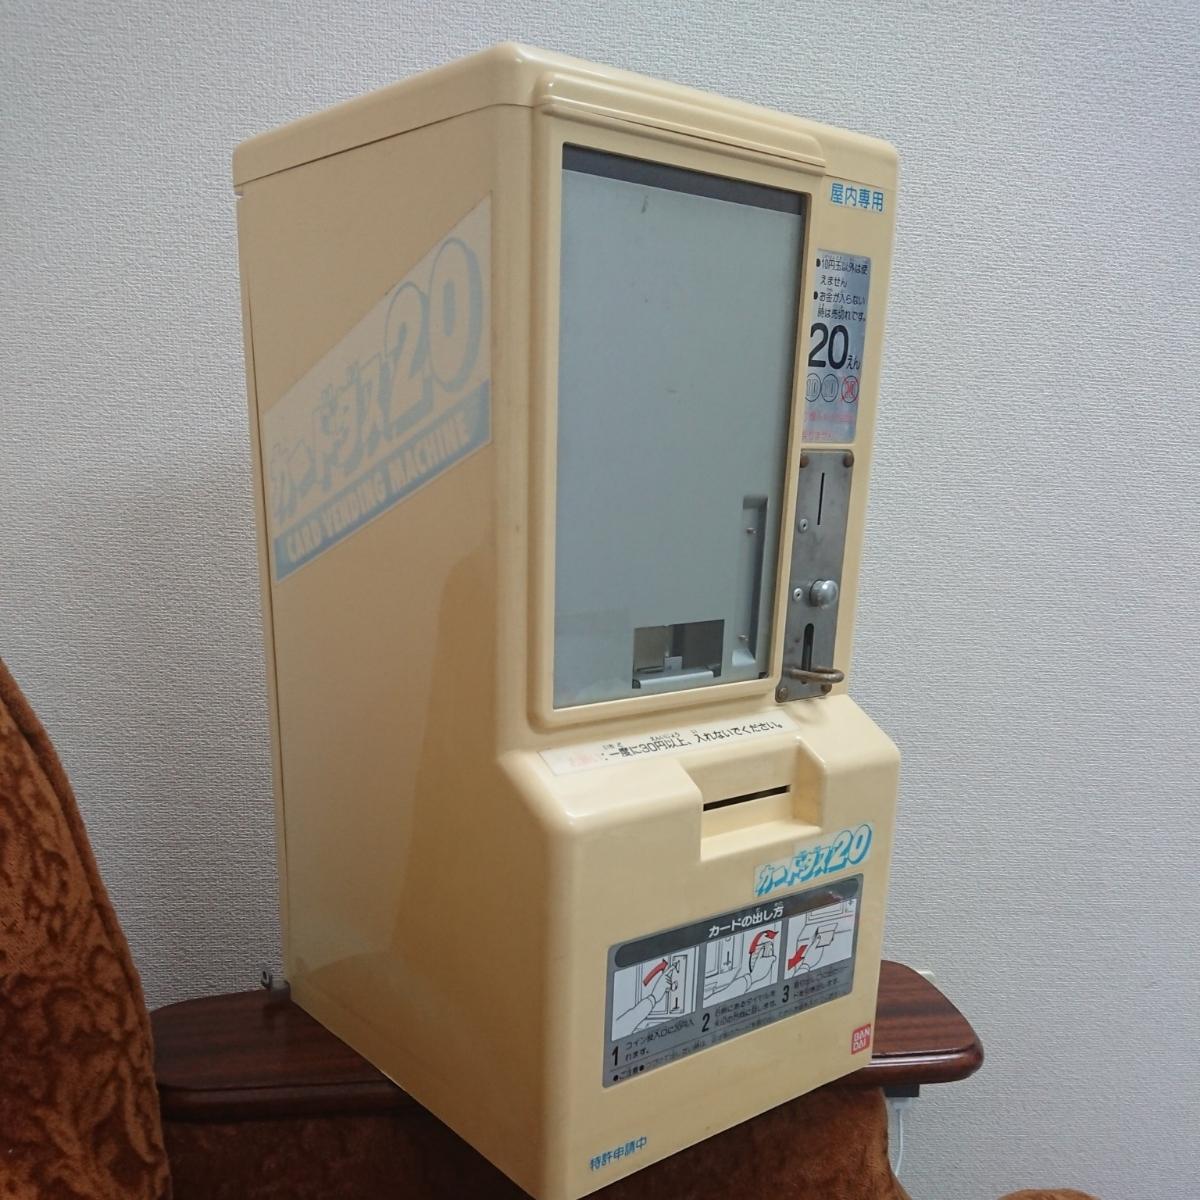 ■1円~ ラスト1 バンダイ カードダス20 1988年製 本体 可動品 台紙なし 鍵はマスターをお付けします 発送はゆうパック120_画像5